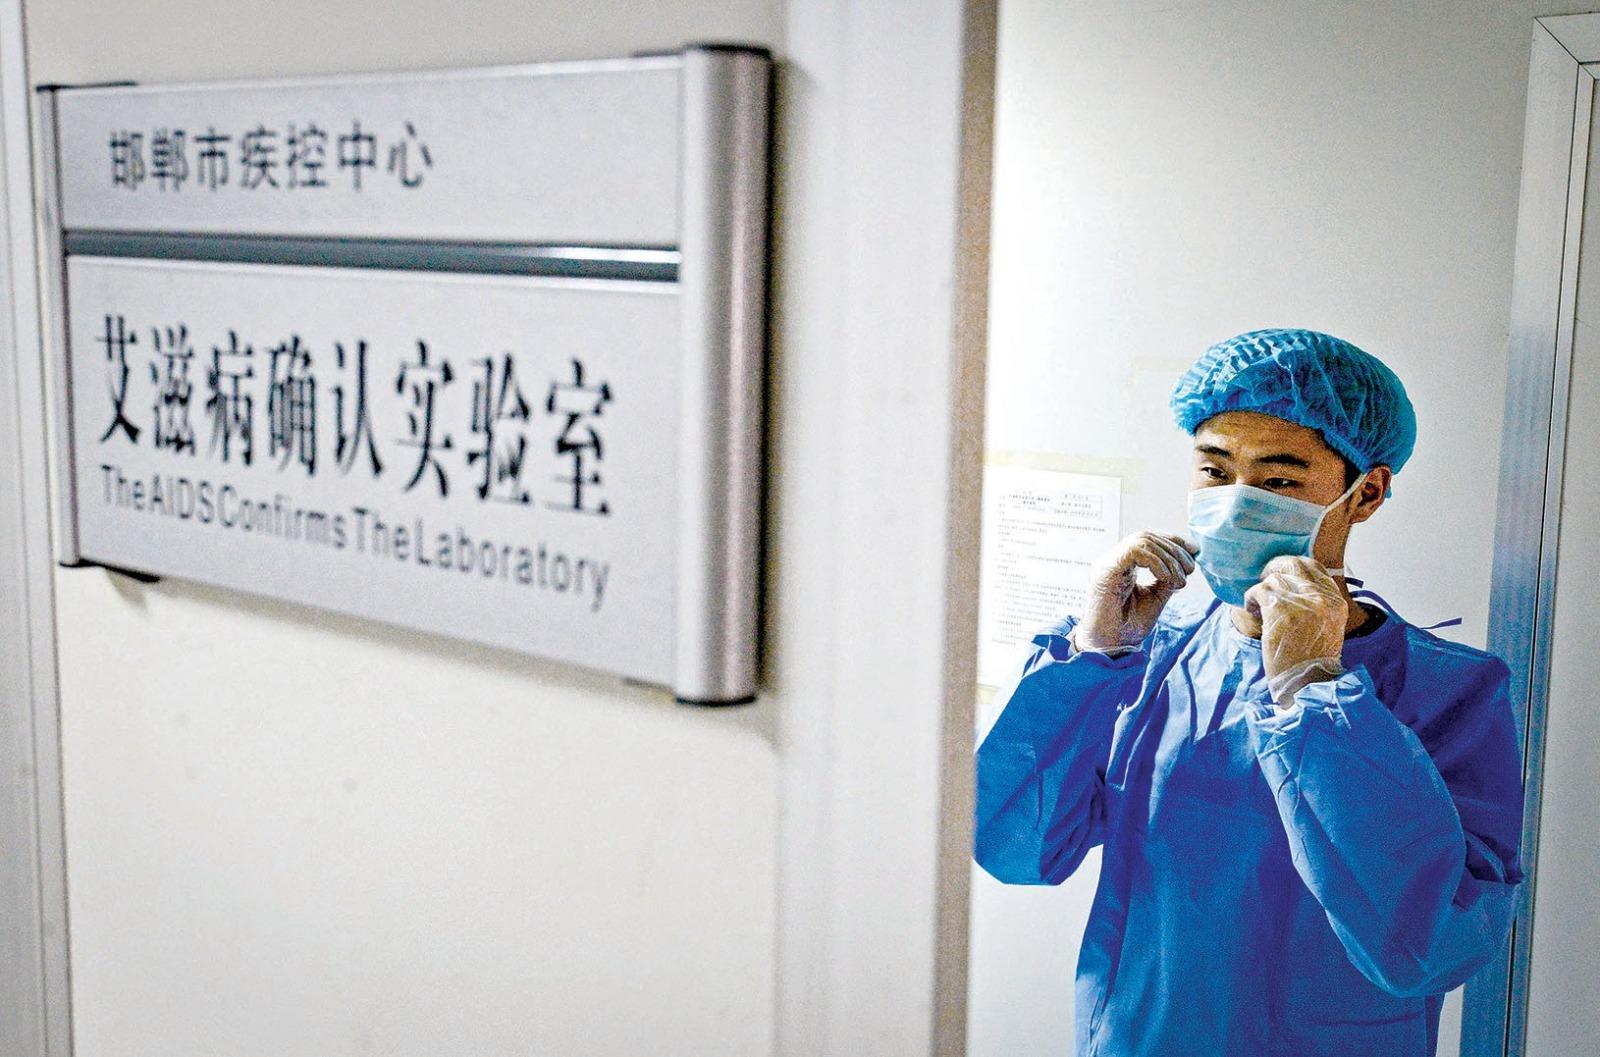 在中國,60歲以上年齡區間的老人成為愛滋病感染年增率最高的族群,10年暴增500%,其中60%承認曾嫖妓及一夜情。(大紀元資料圖片)